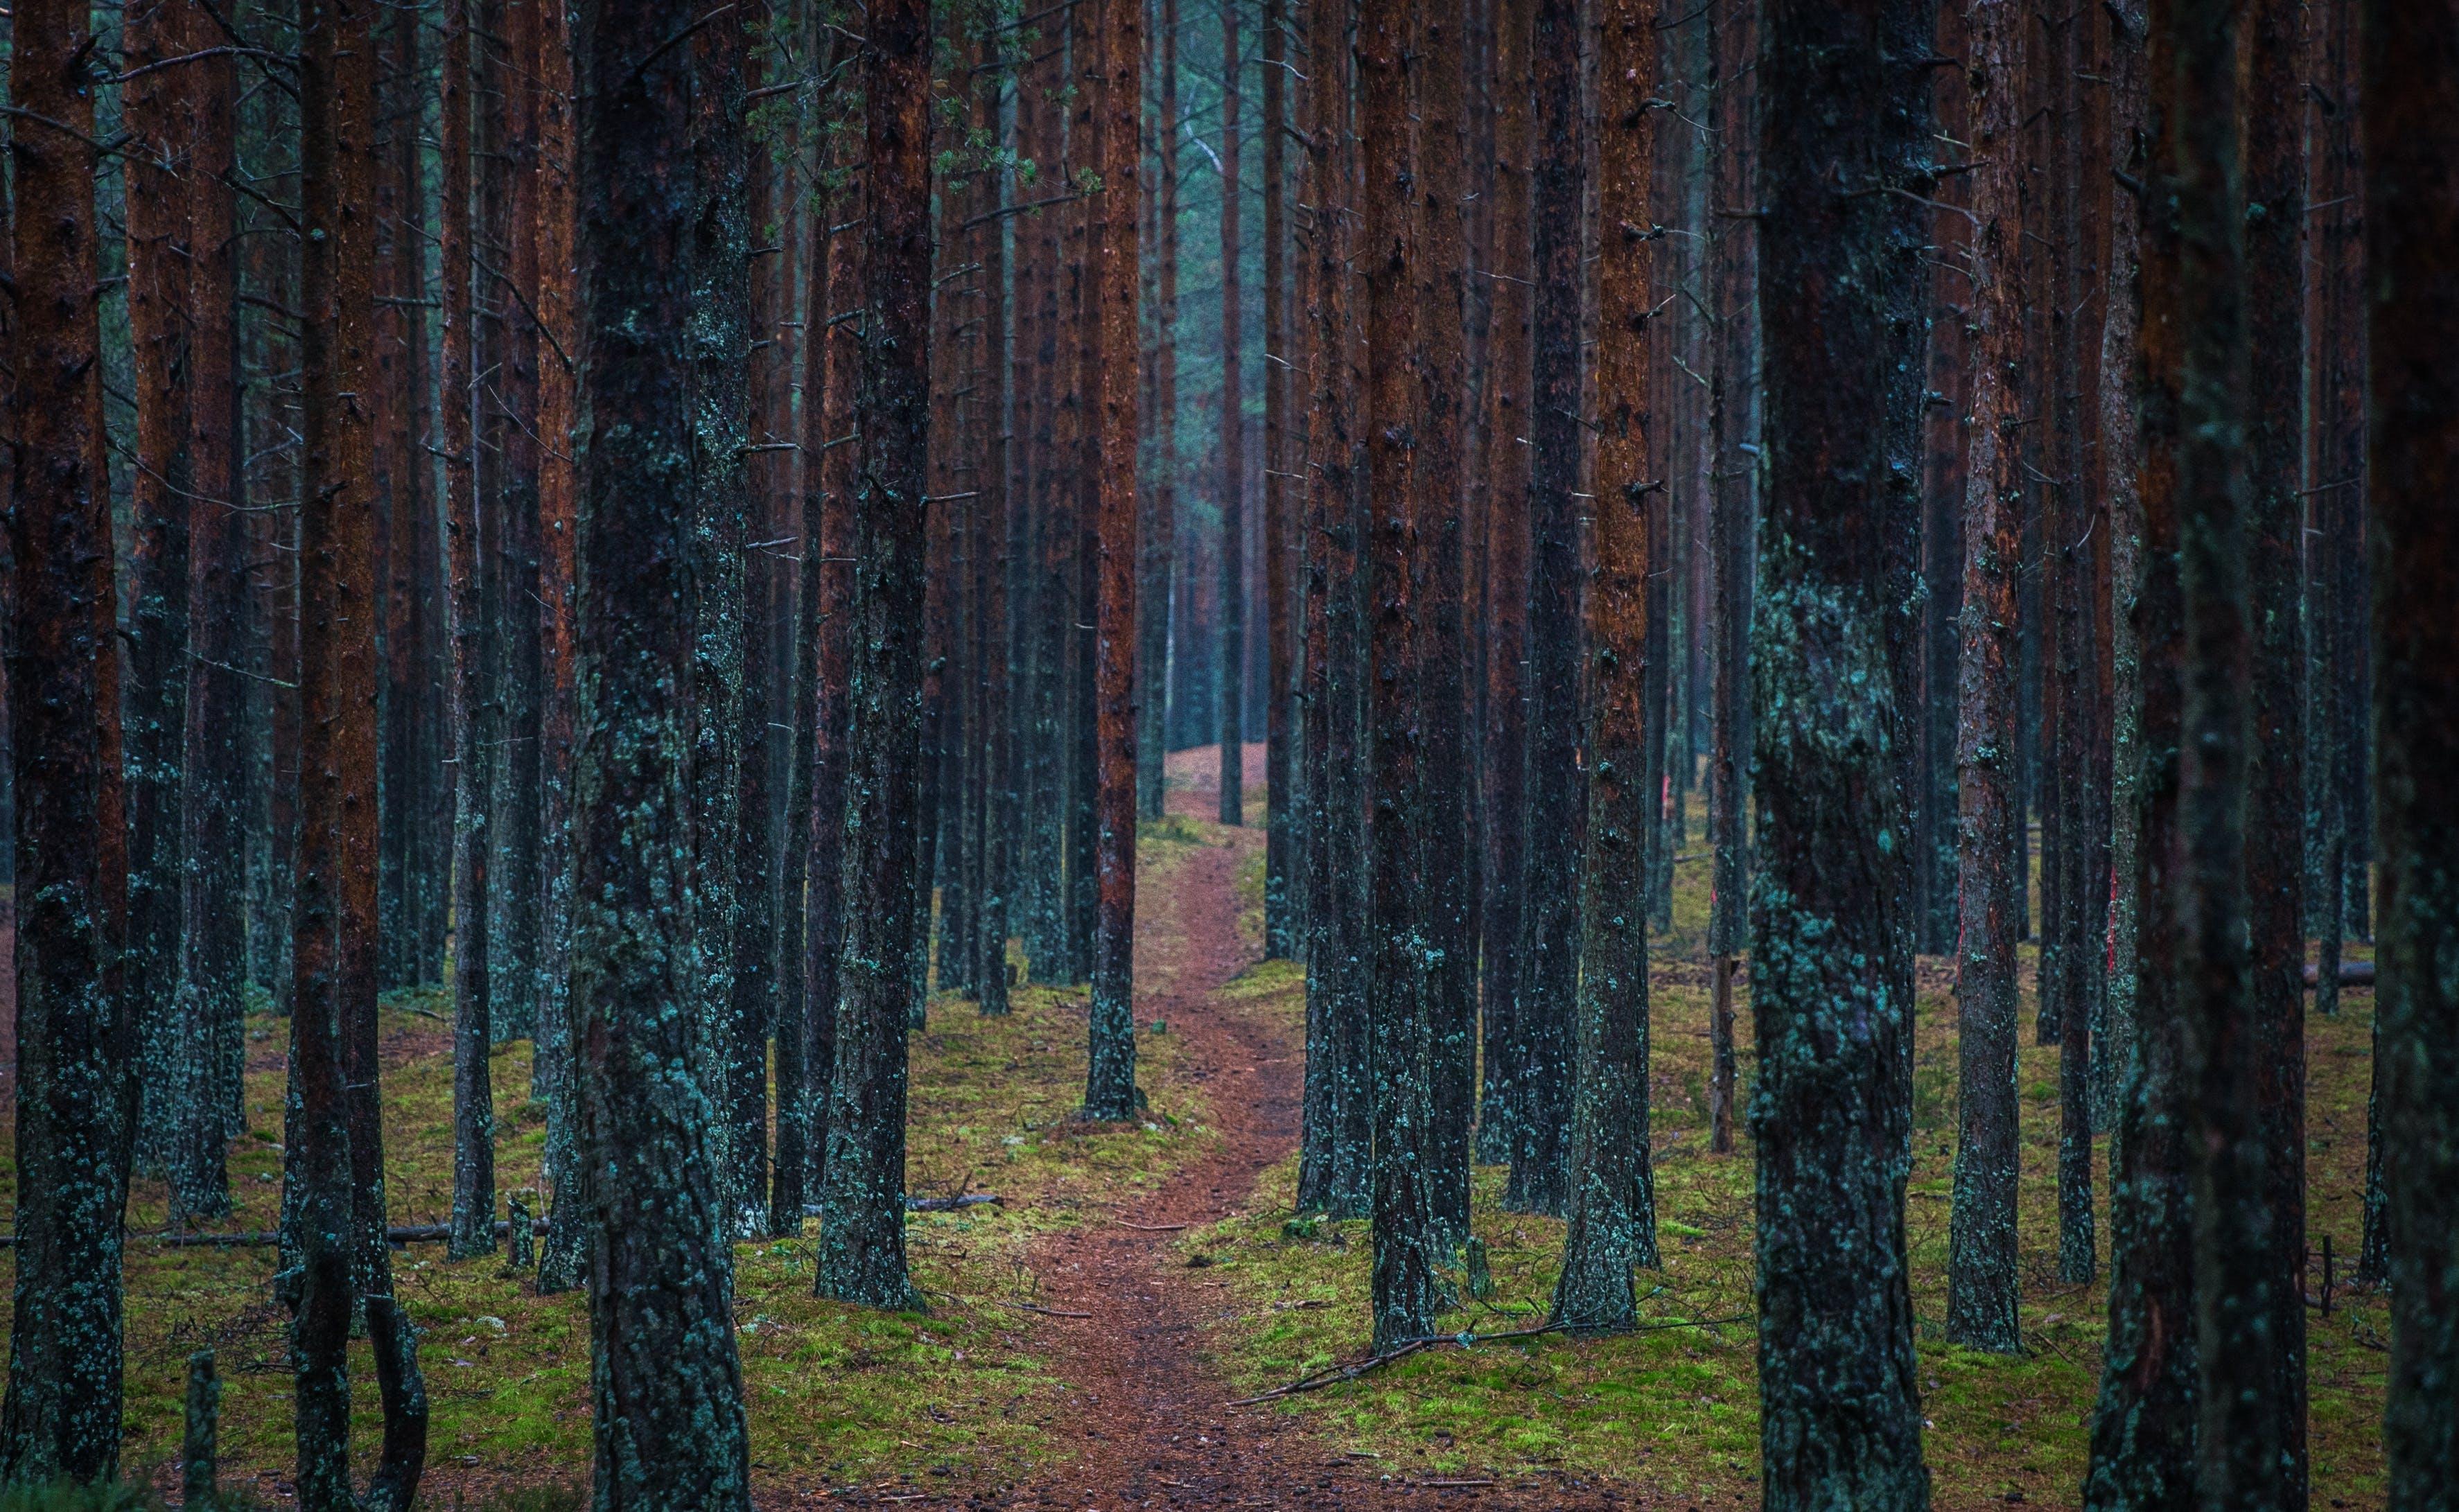 açık, ağaçlar, çim, gün doğumu içeren Ücretsiz stok fotoğraf